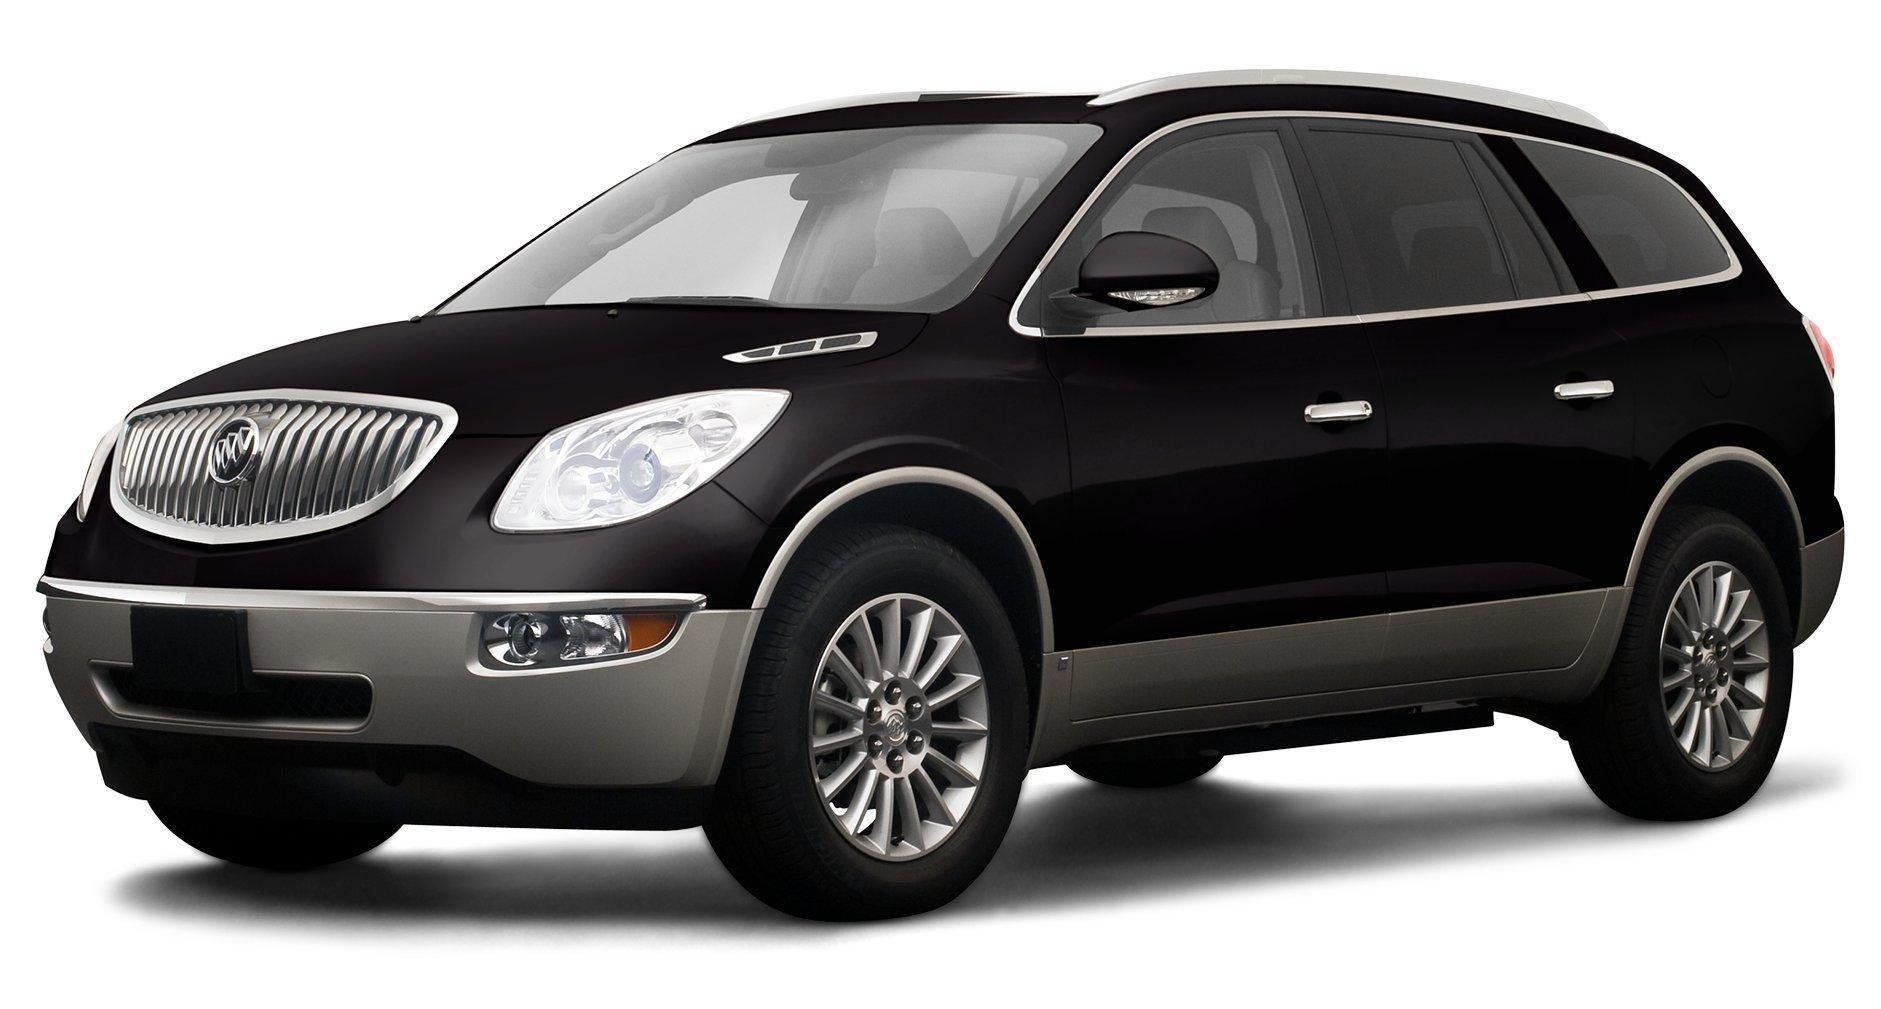 2009 Buick Enclave CX, All Wheel Drive 4-Door ...